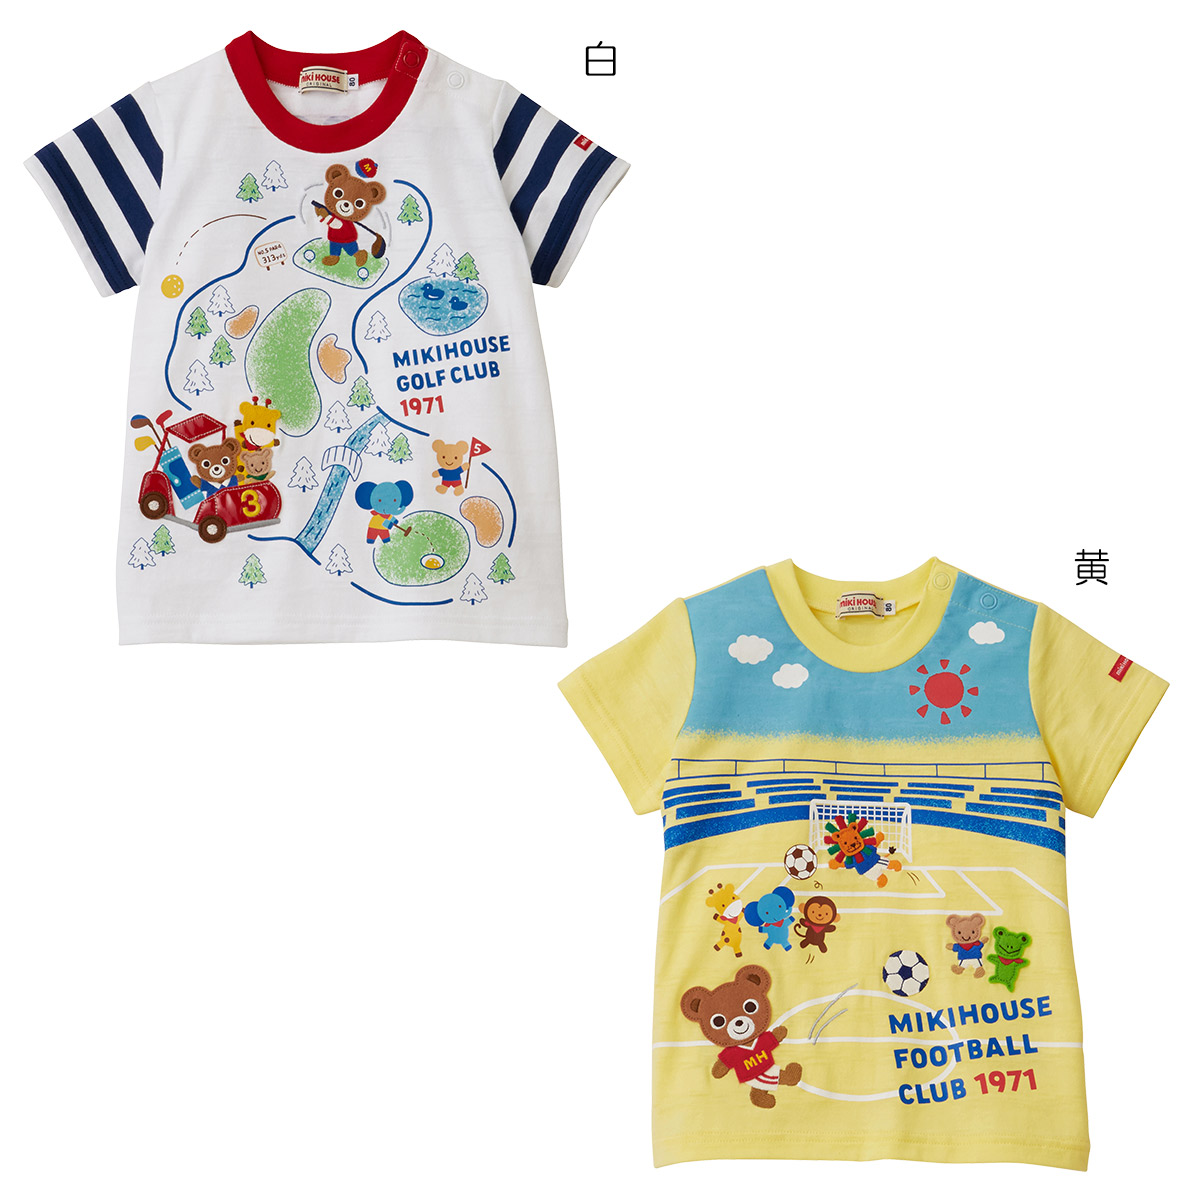 ミキハウス mikihouse 半袖Tシャツ(110cm-120cm)